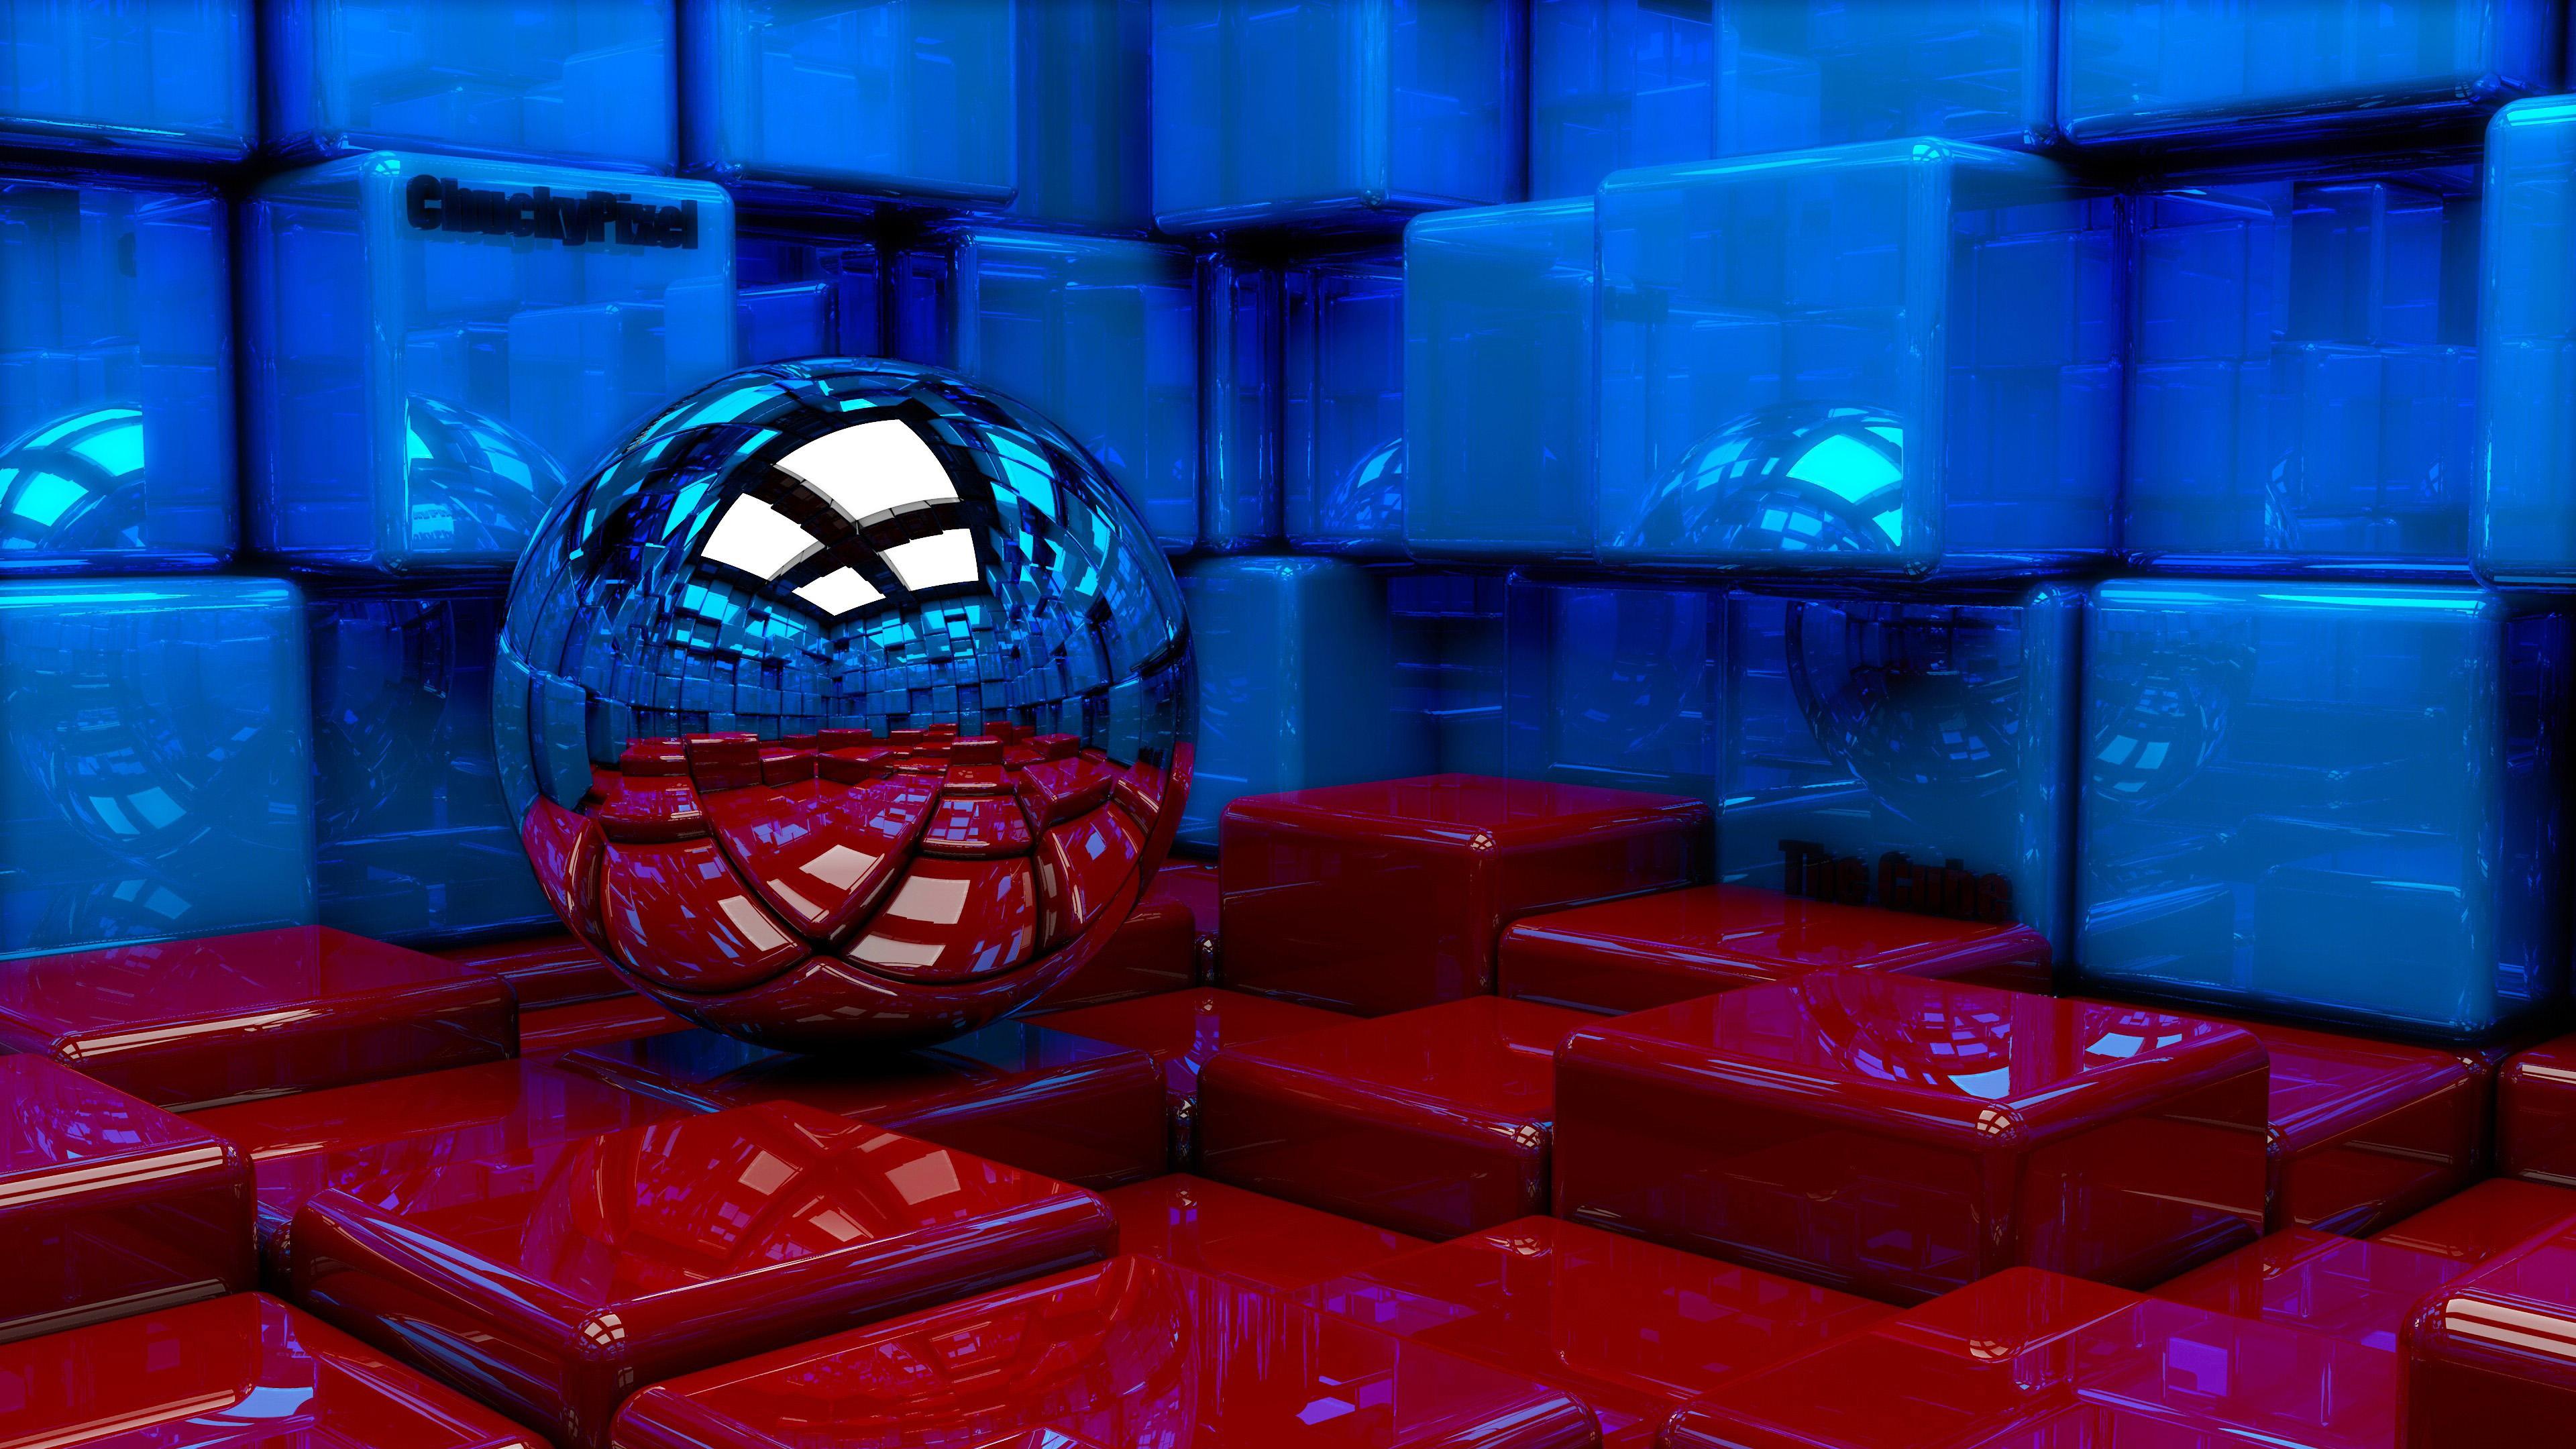 Яркие,блестящие кубики красного и синего цвета отражаются в зеркальном шаре